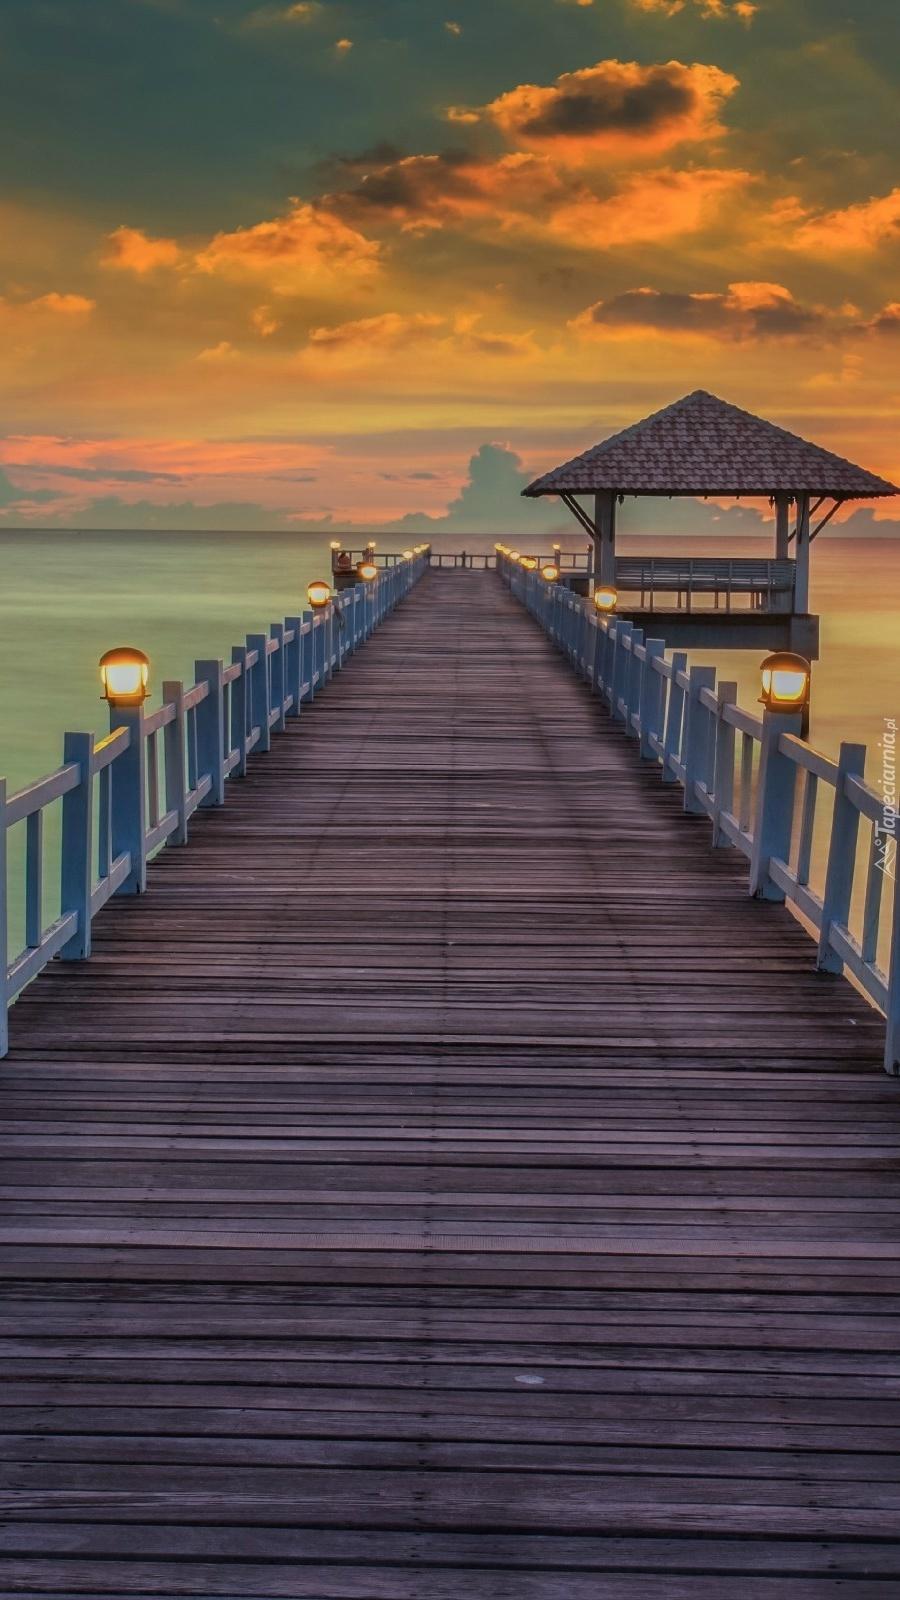 Pomost nad morzem o zachodzie słońca